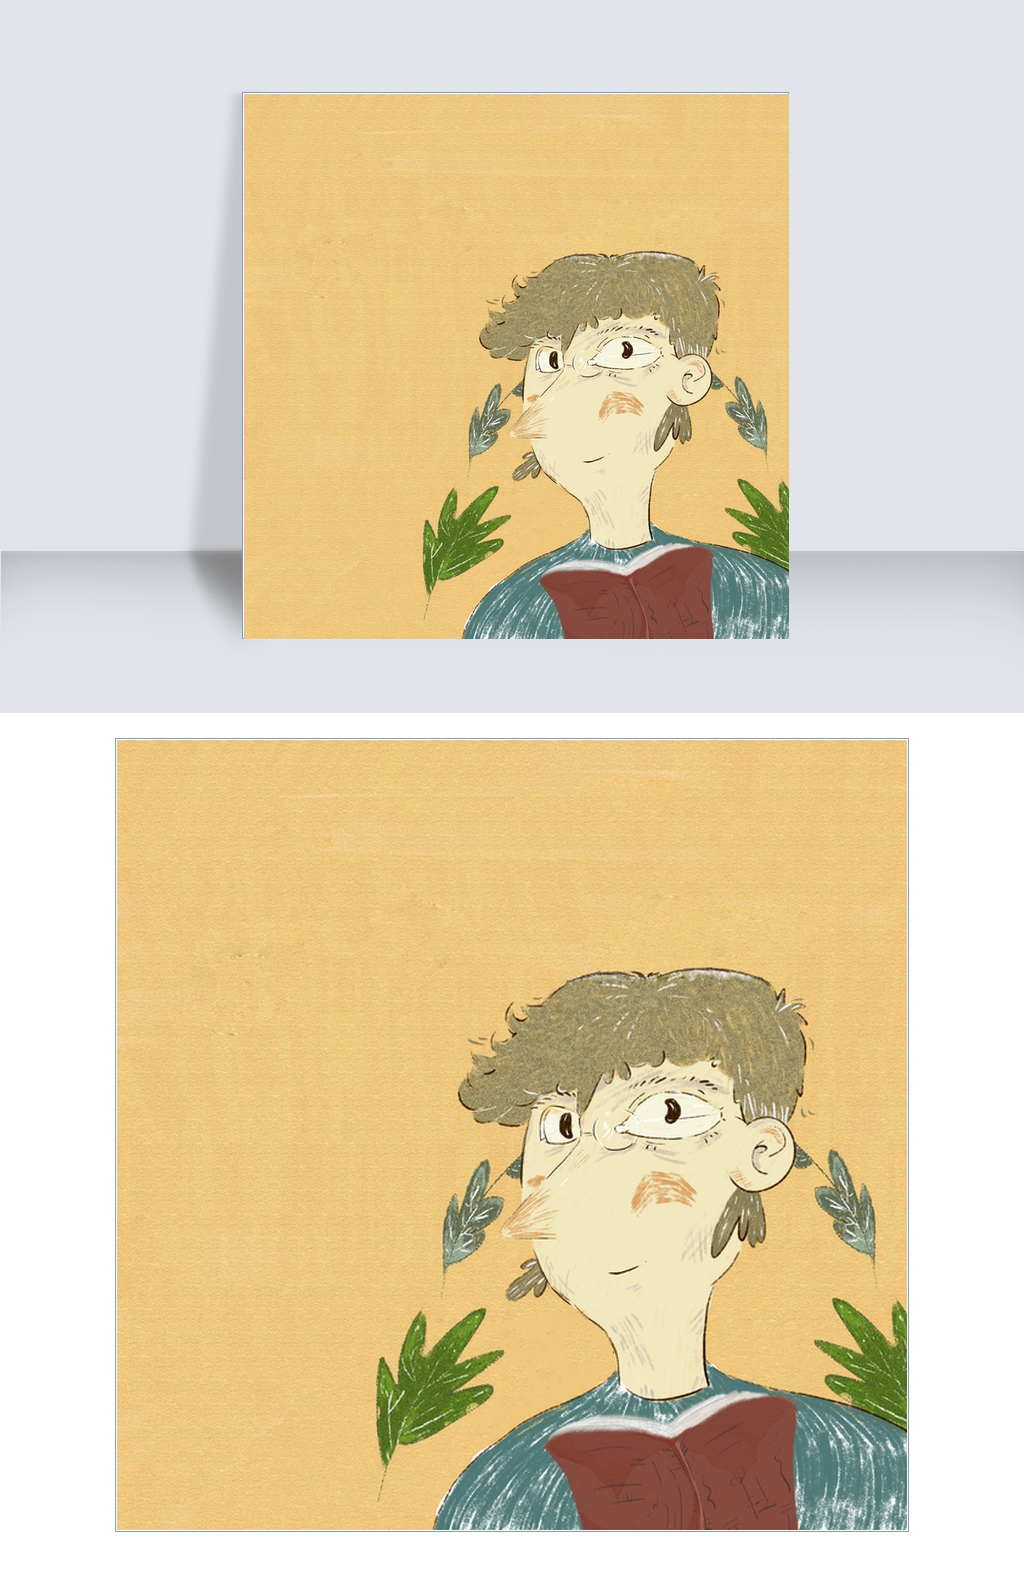 读书日手绘风格插画封面海报图片素材 PSB格式 下载 其他大全